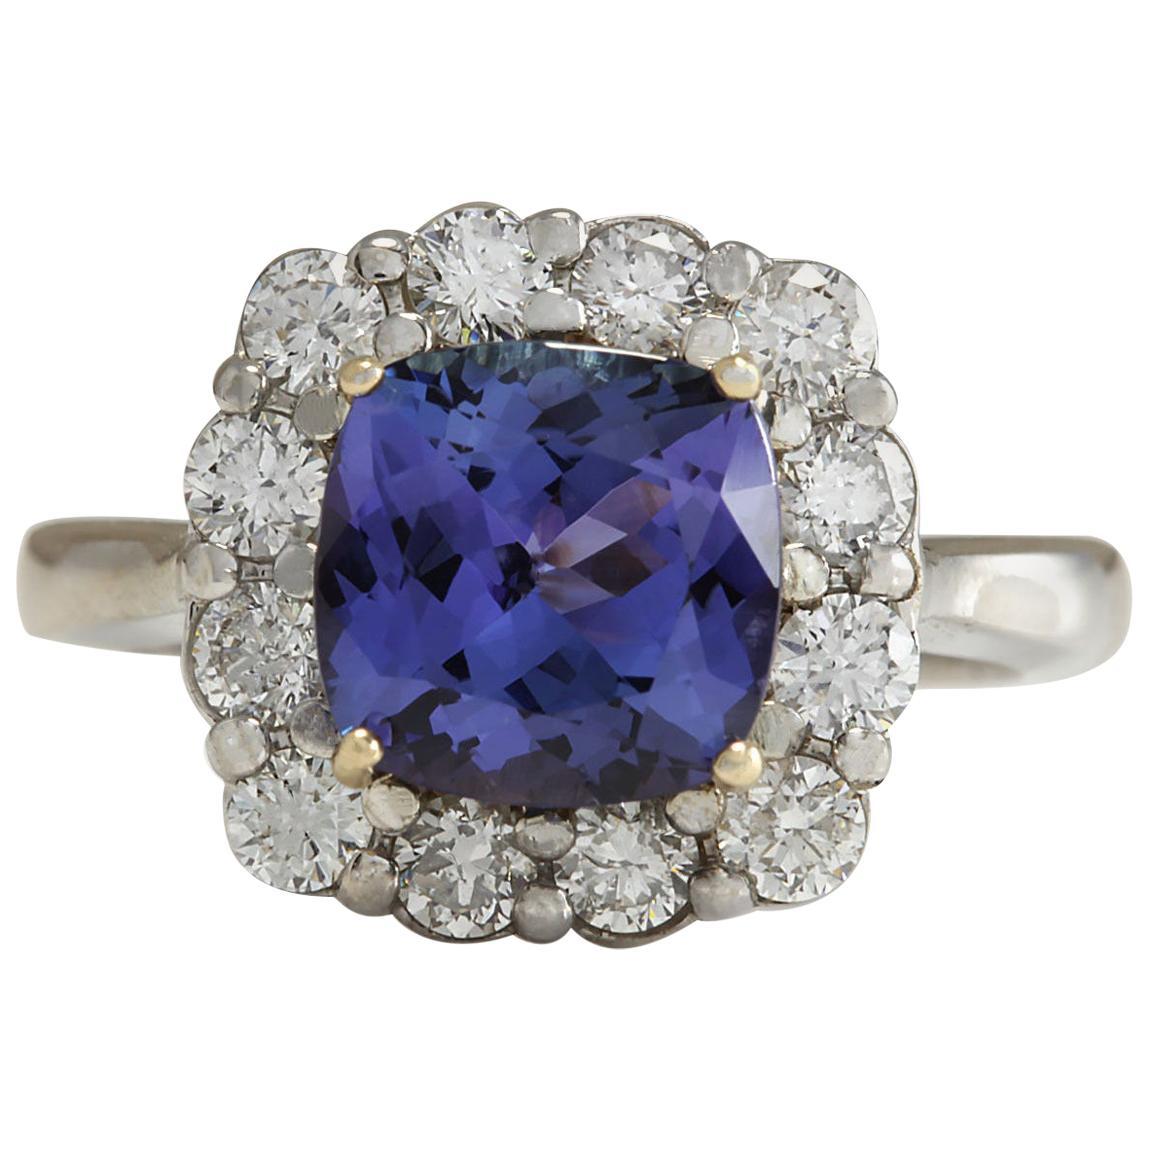 3.93 Carat Natural Tanzanite 18 Karat White Gold Diamond Ring